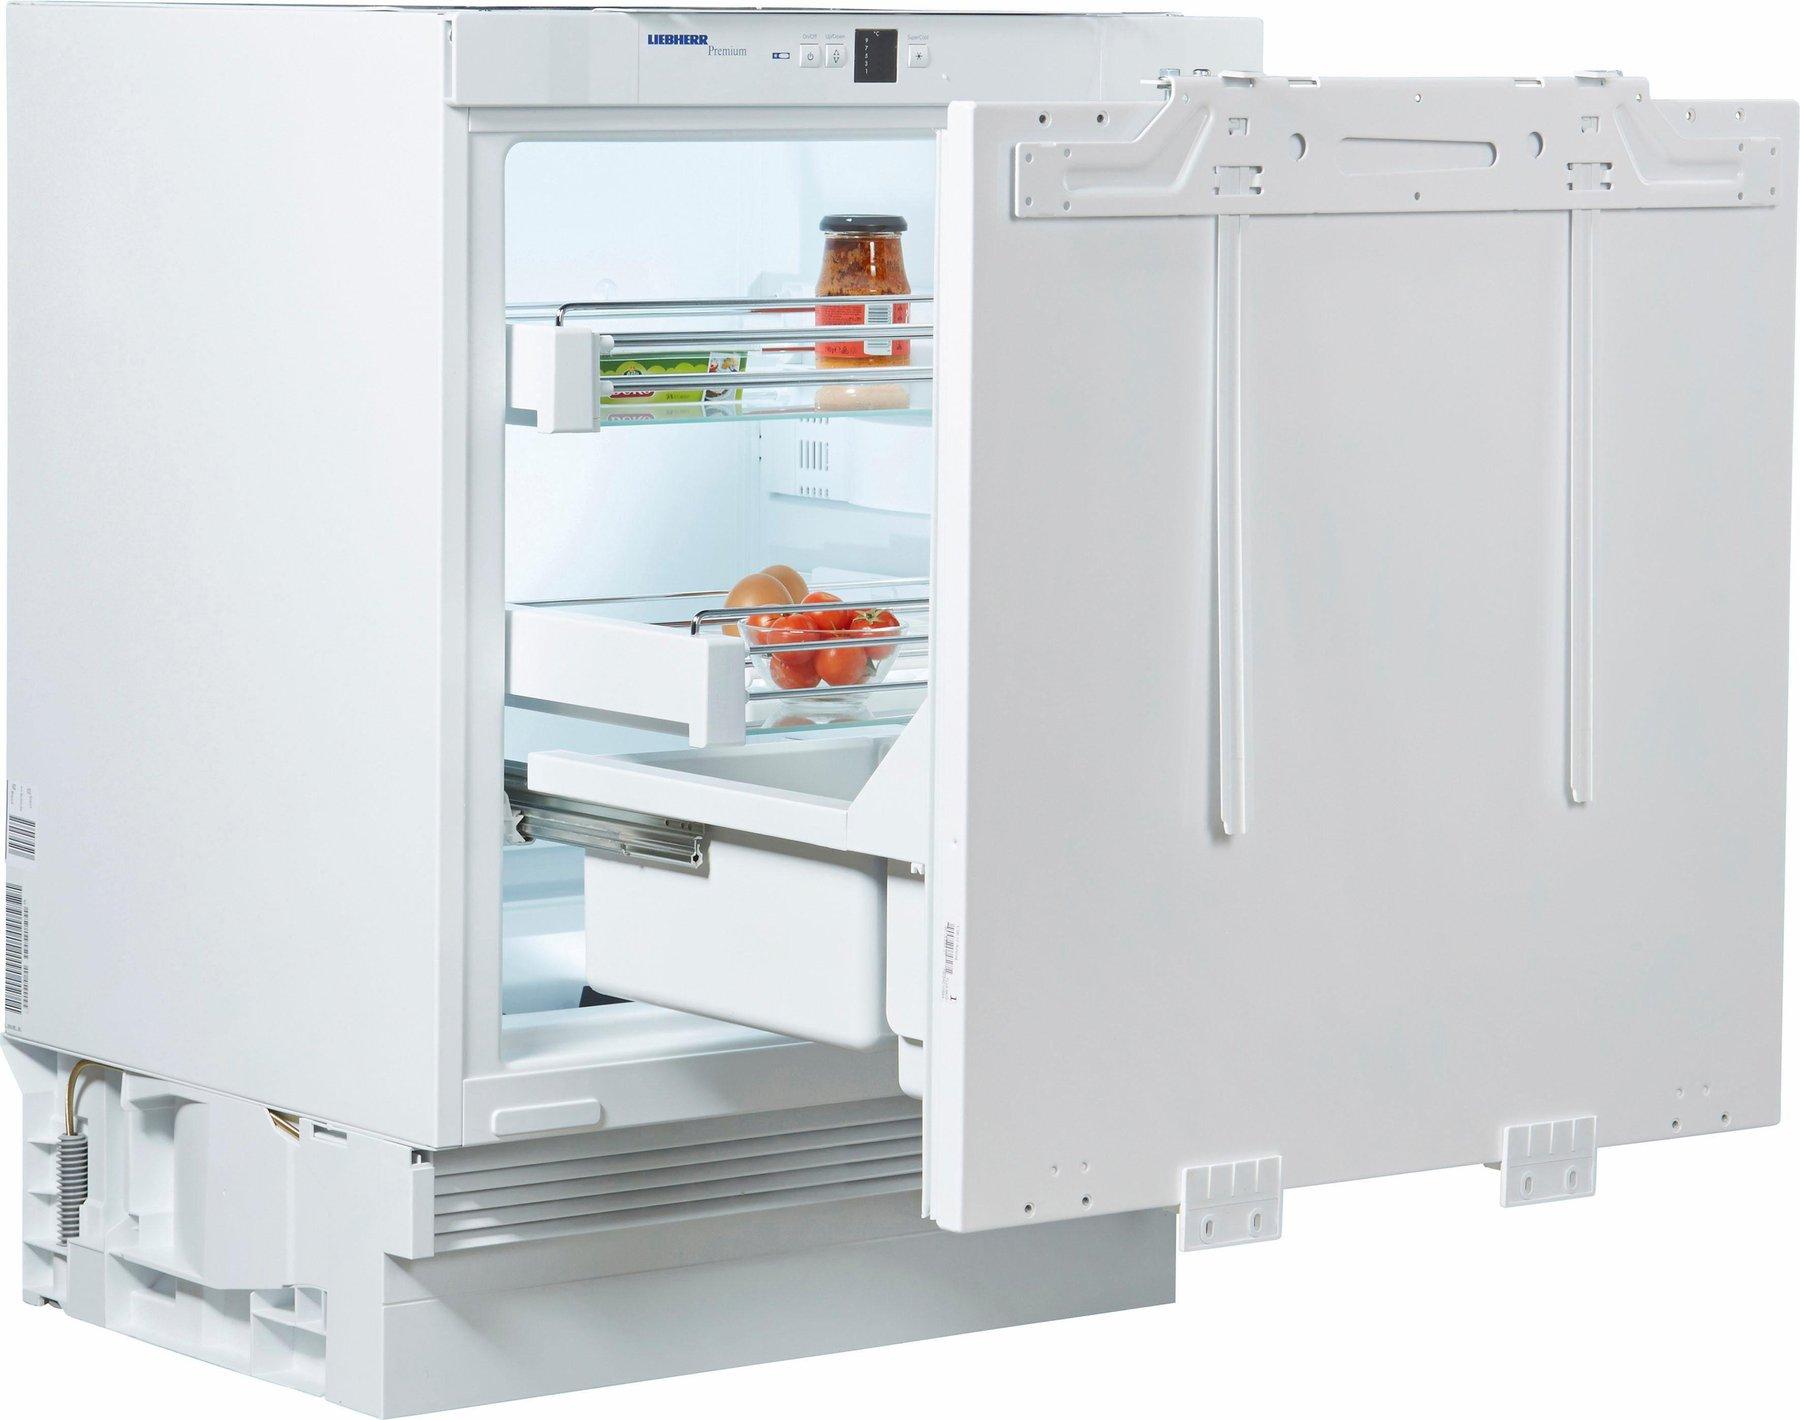 Gorenje Unterbau Kühlschränke : Liebherr uik1550 20 ab 1.097 u20ac günstig im preisvergleich kaufen